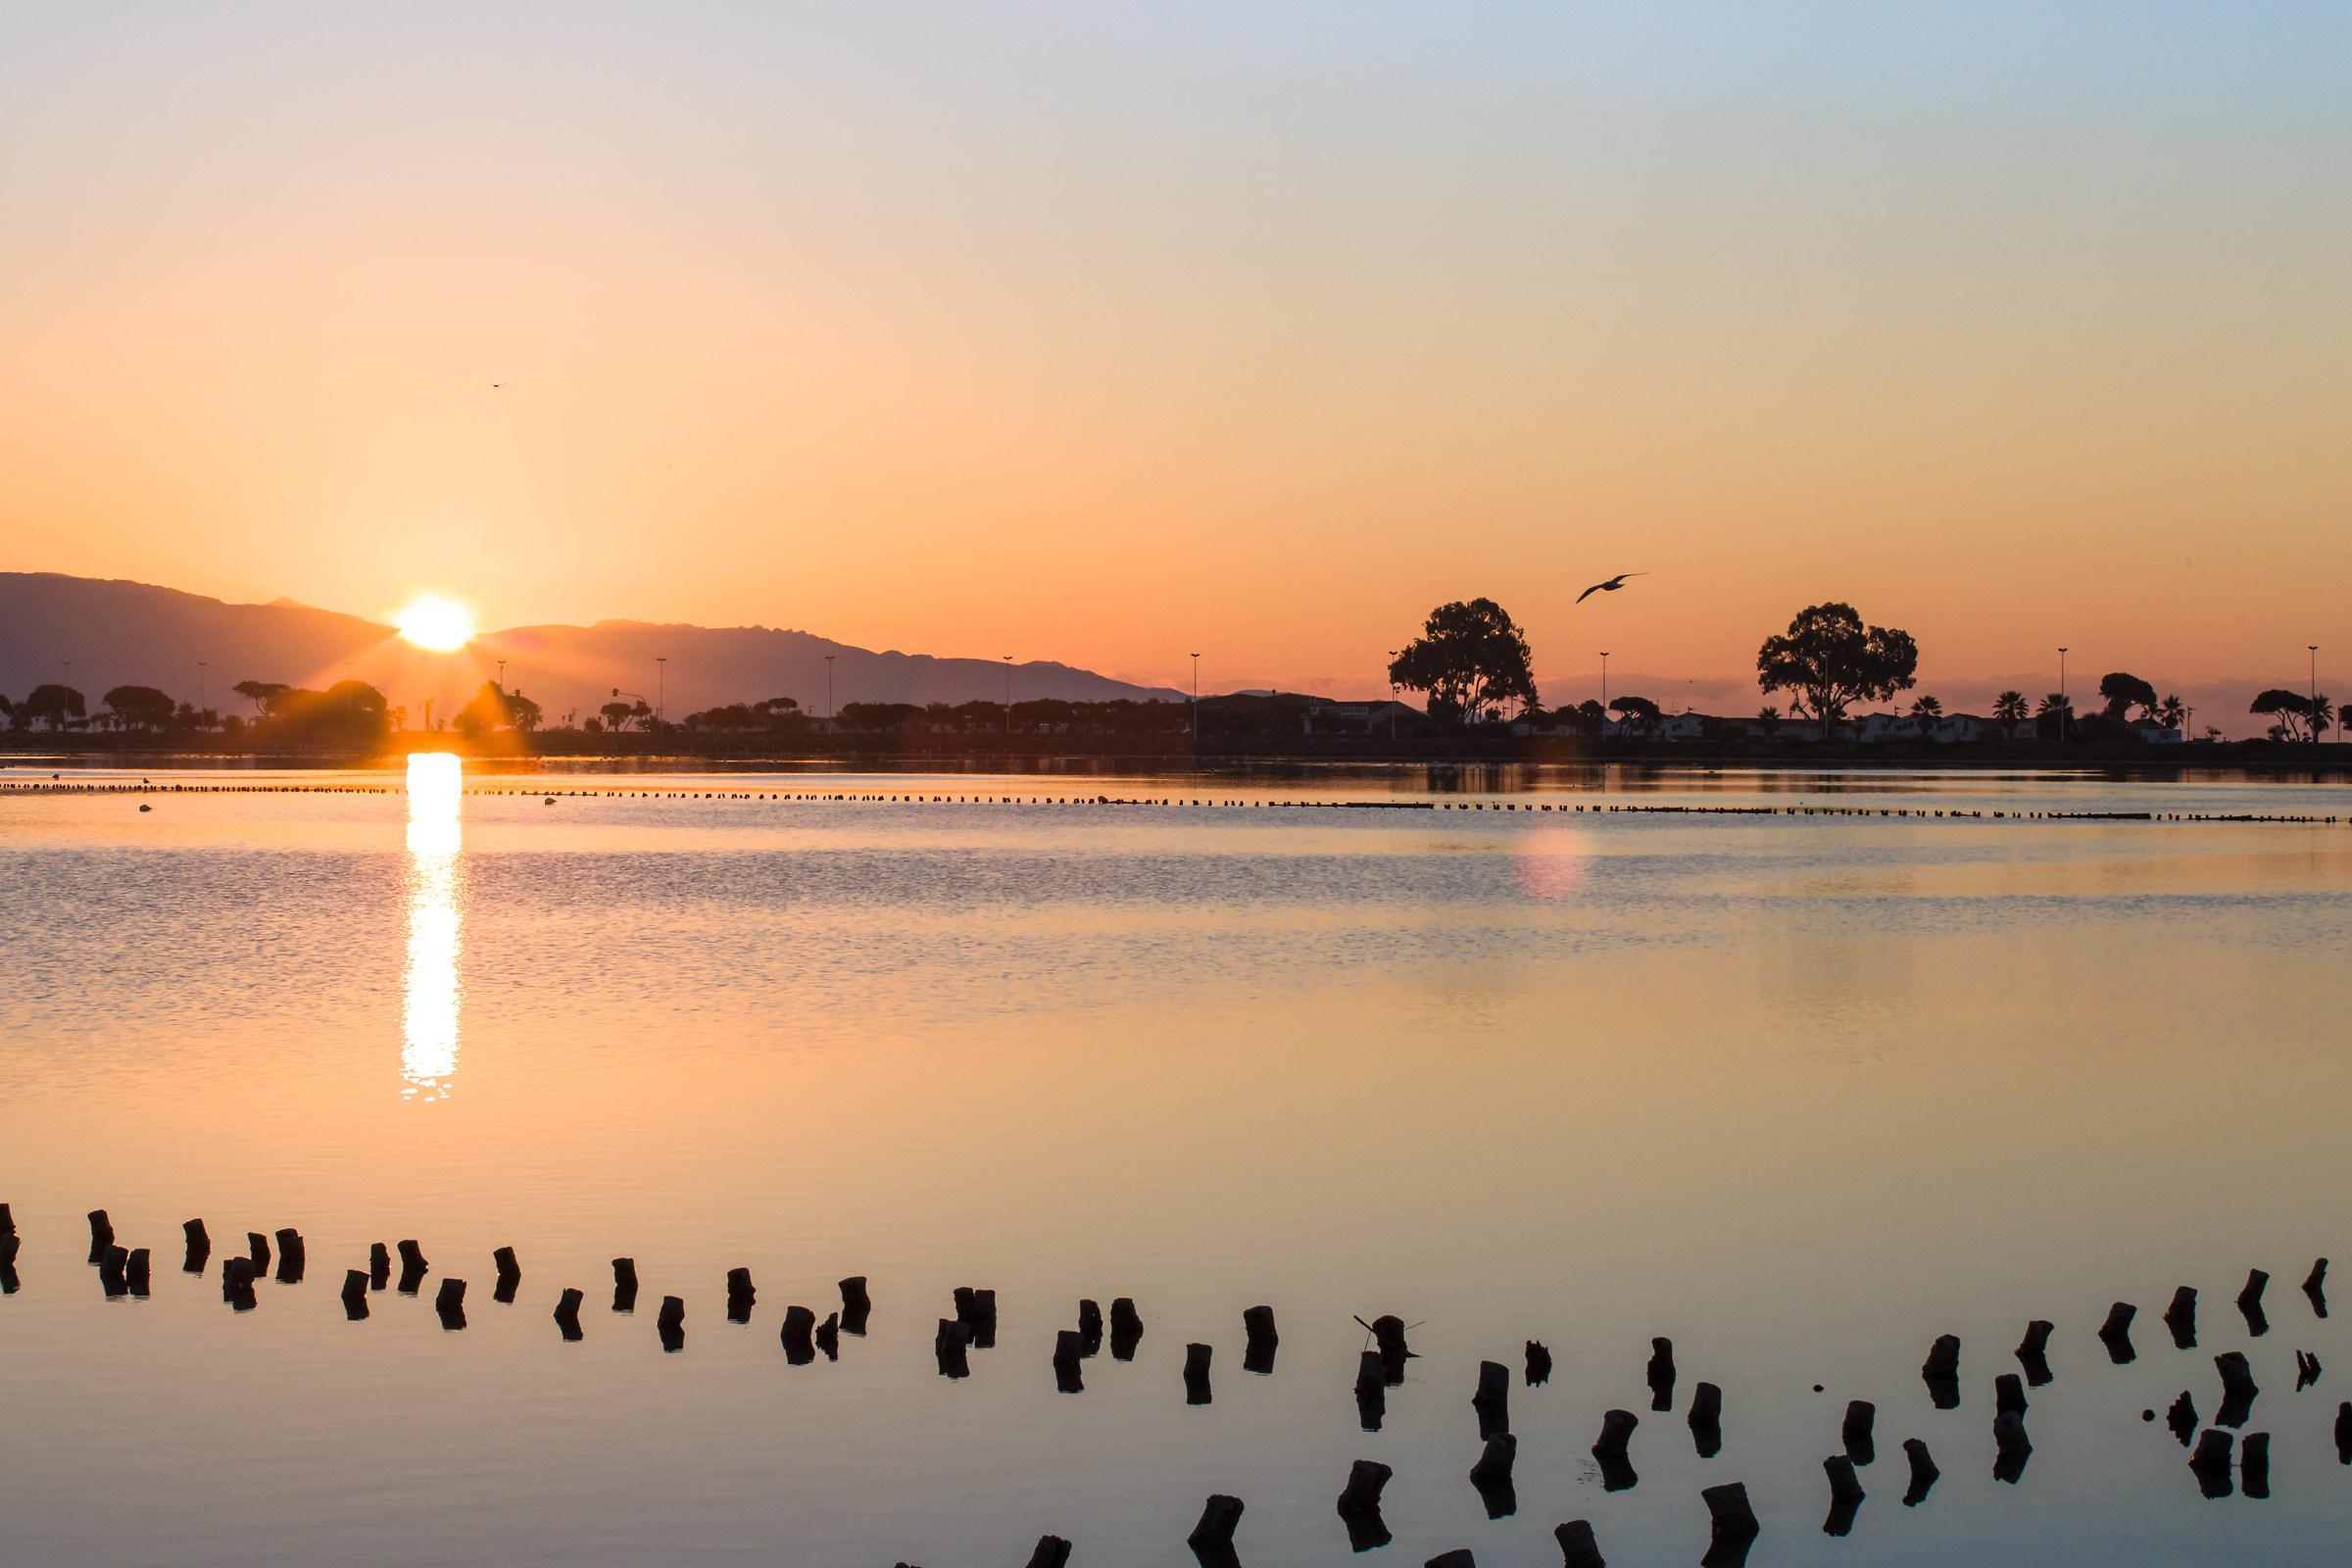 Sunrise on the pond...